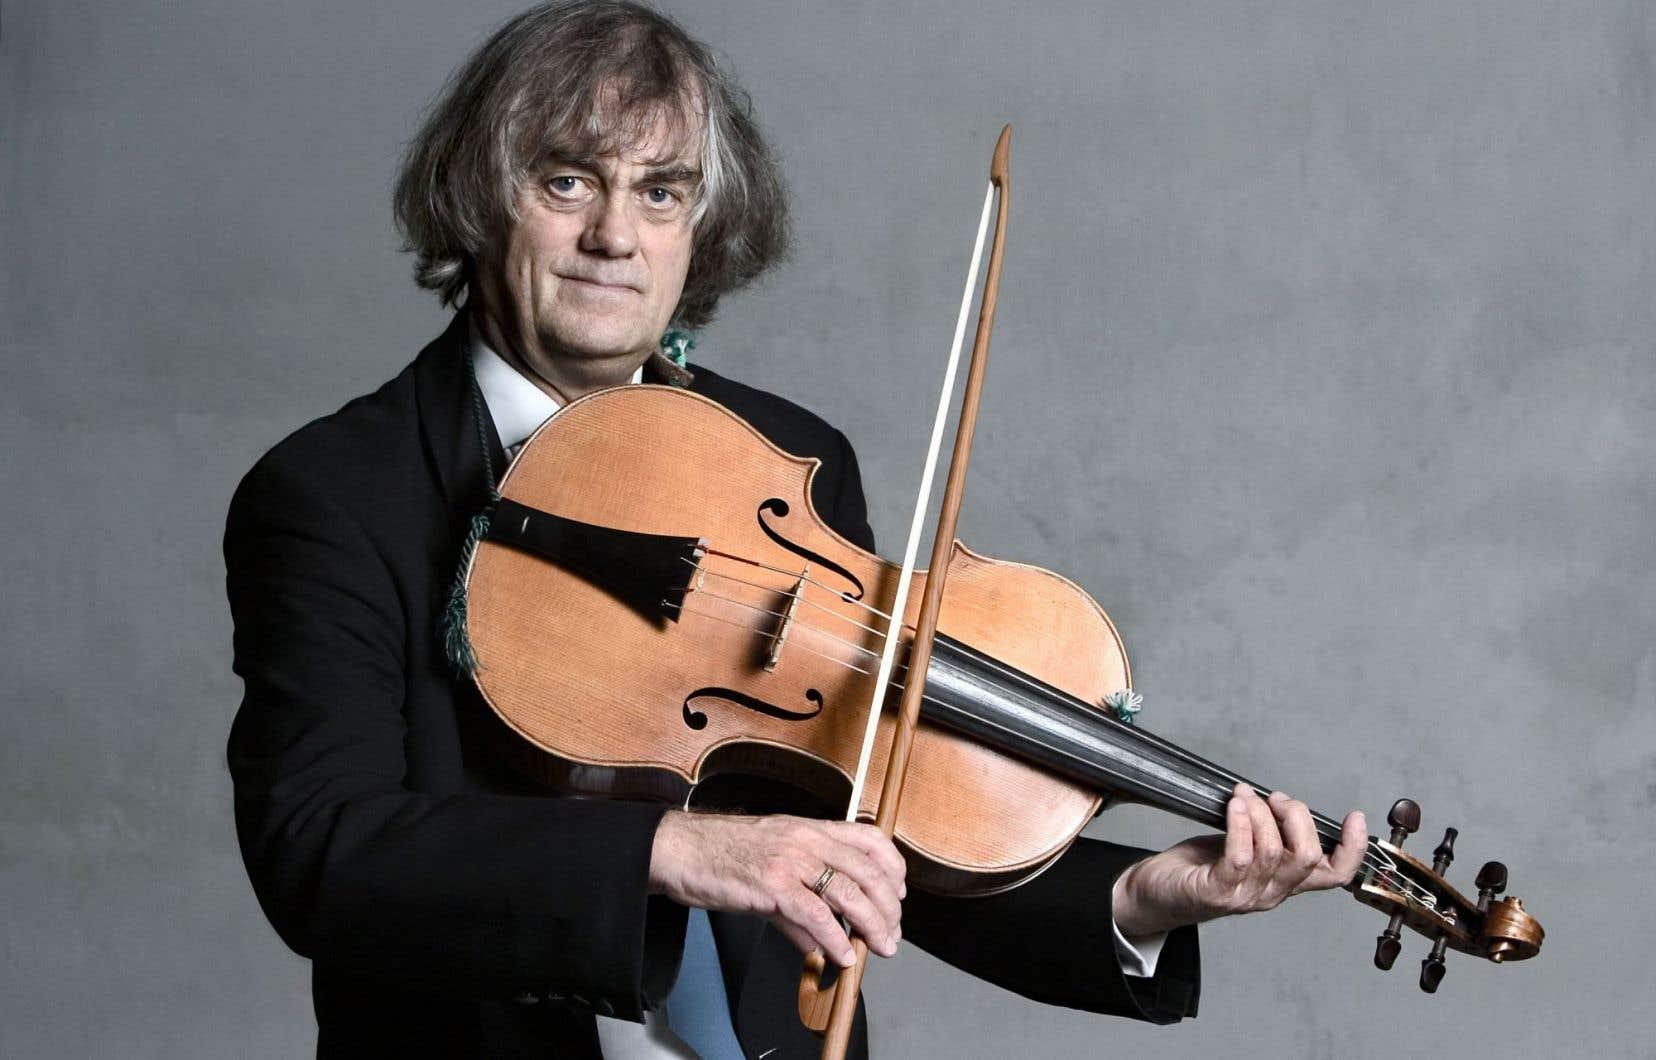 Le célèbre violoniste et chef Sigiswald Kuijken jouera du violoncelle d'épaule